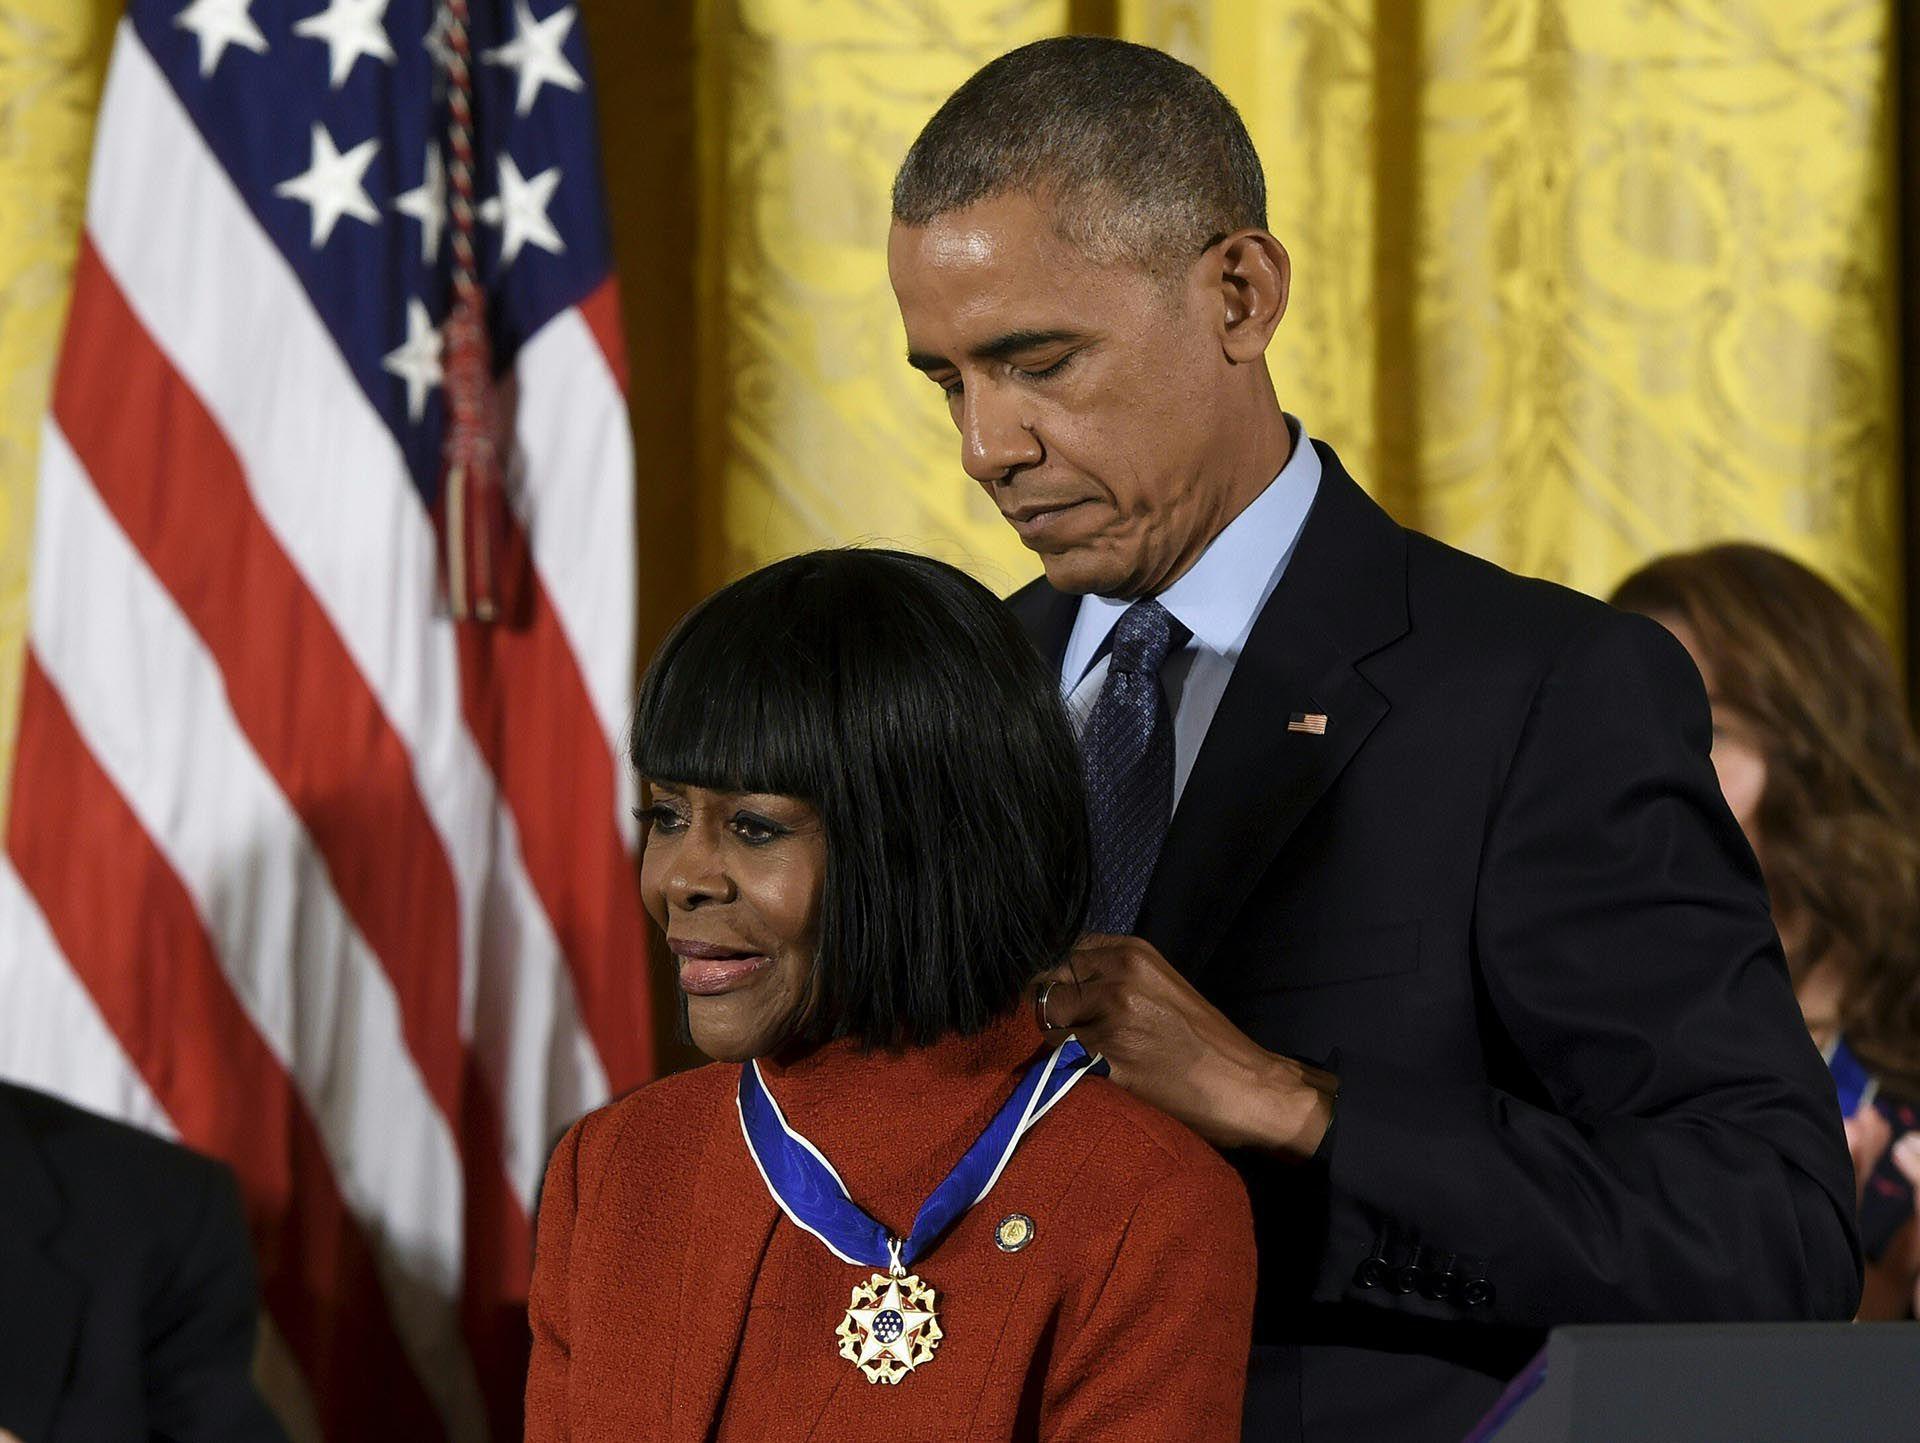 El presidente de Estados Unidos, Barack Obama, presenta a la actriz Cicely Tyson con la Medalla Presidencial de la Libertad, el mayor honor civil de la nación, durante una ceremonia en honor a 21 destinatarios, en el East Room de la Casa Blanca en Washington en noviembre de 2016. / AFP PHOTO / SAUL LOEB